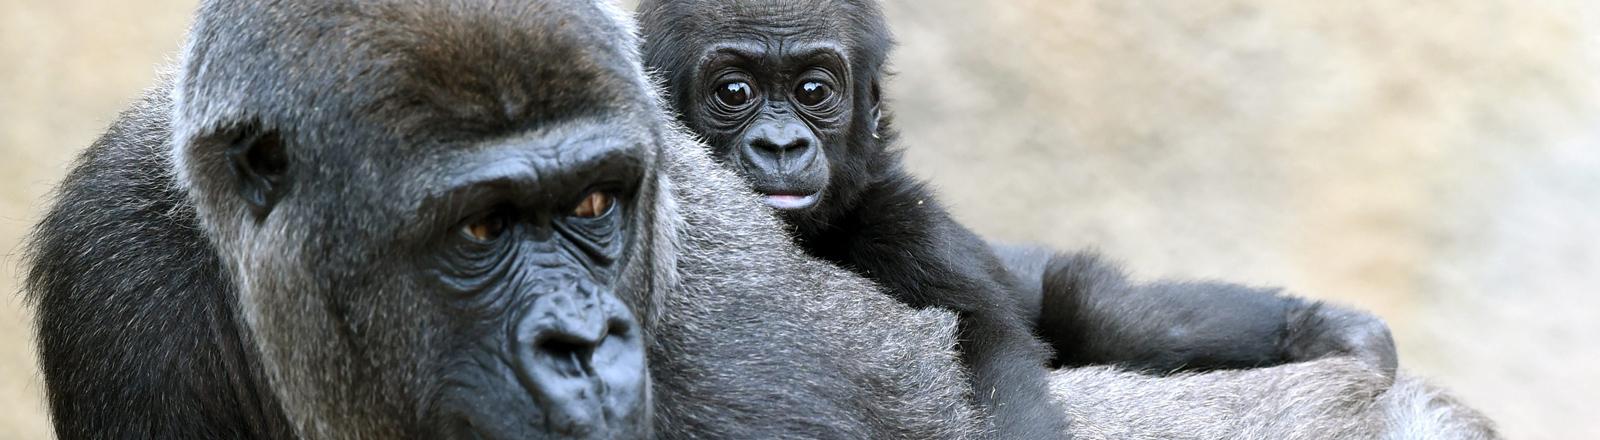 Ein Gorillaweibchen trägt sein Junges auf dem Rücken.